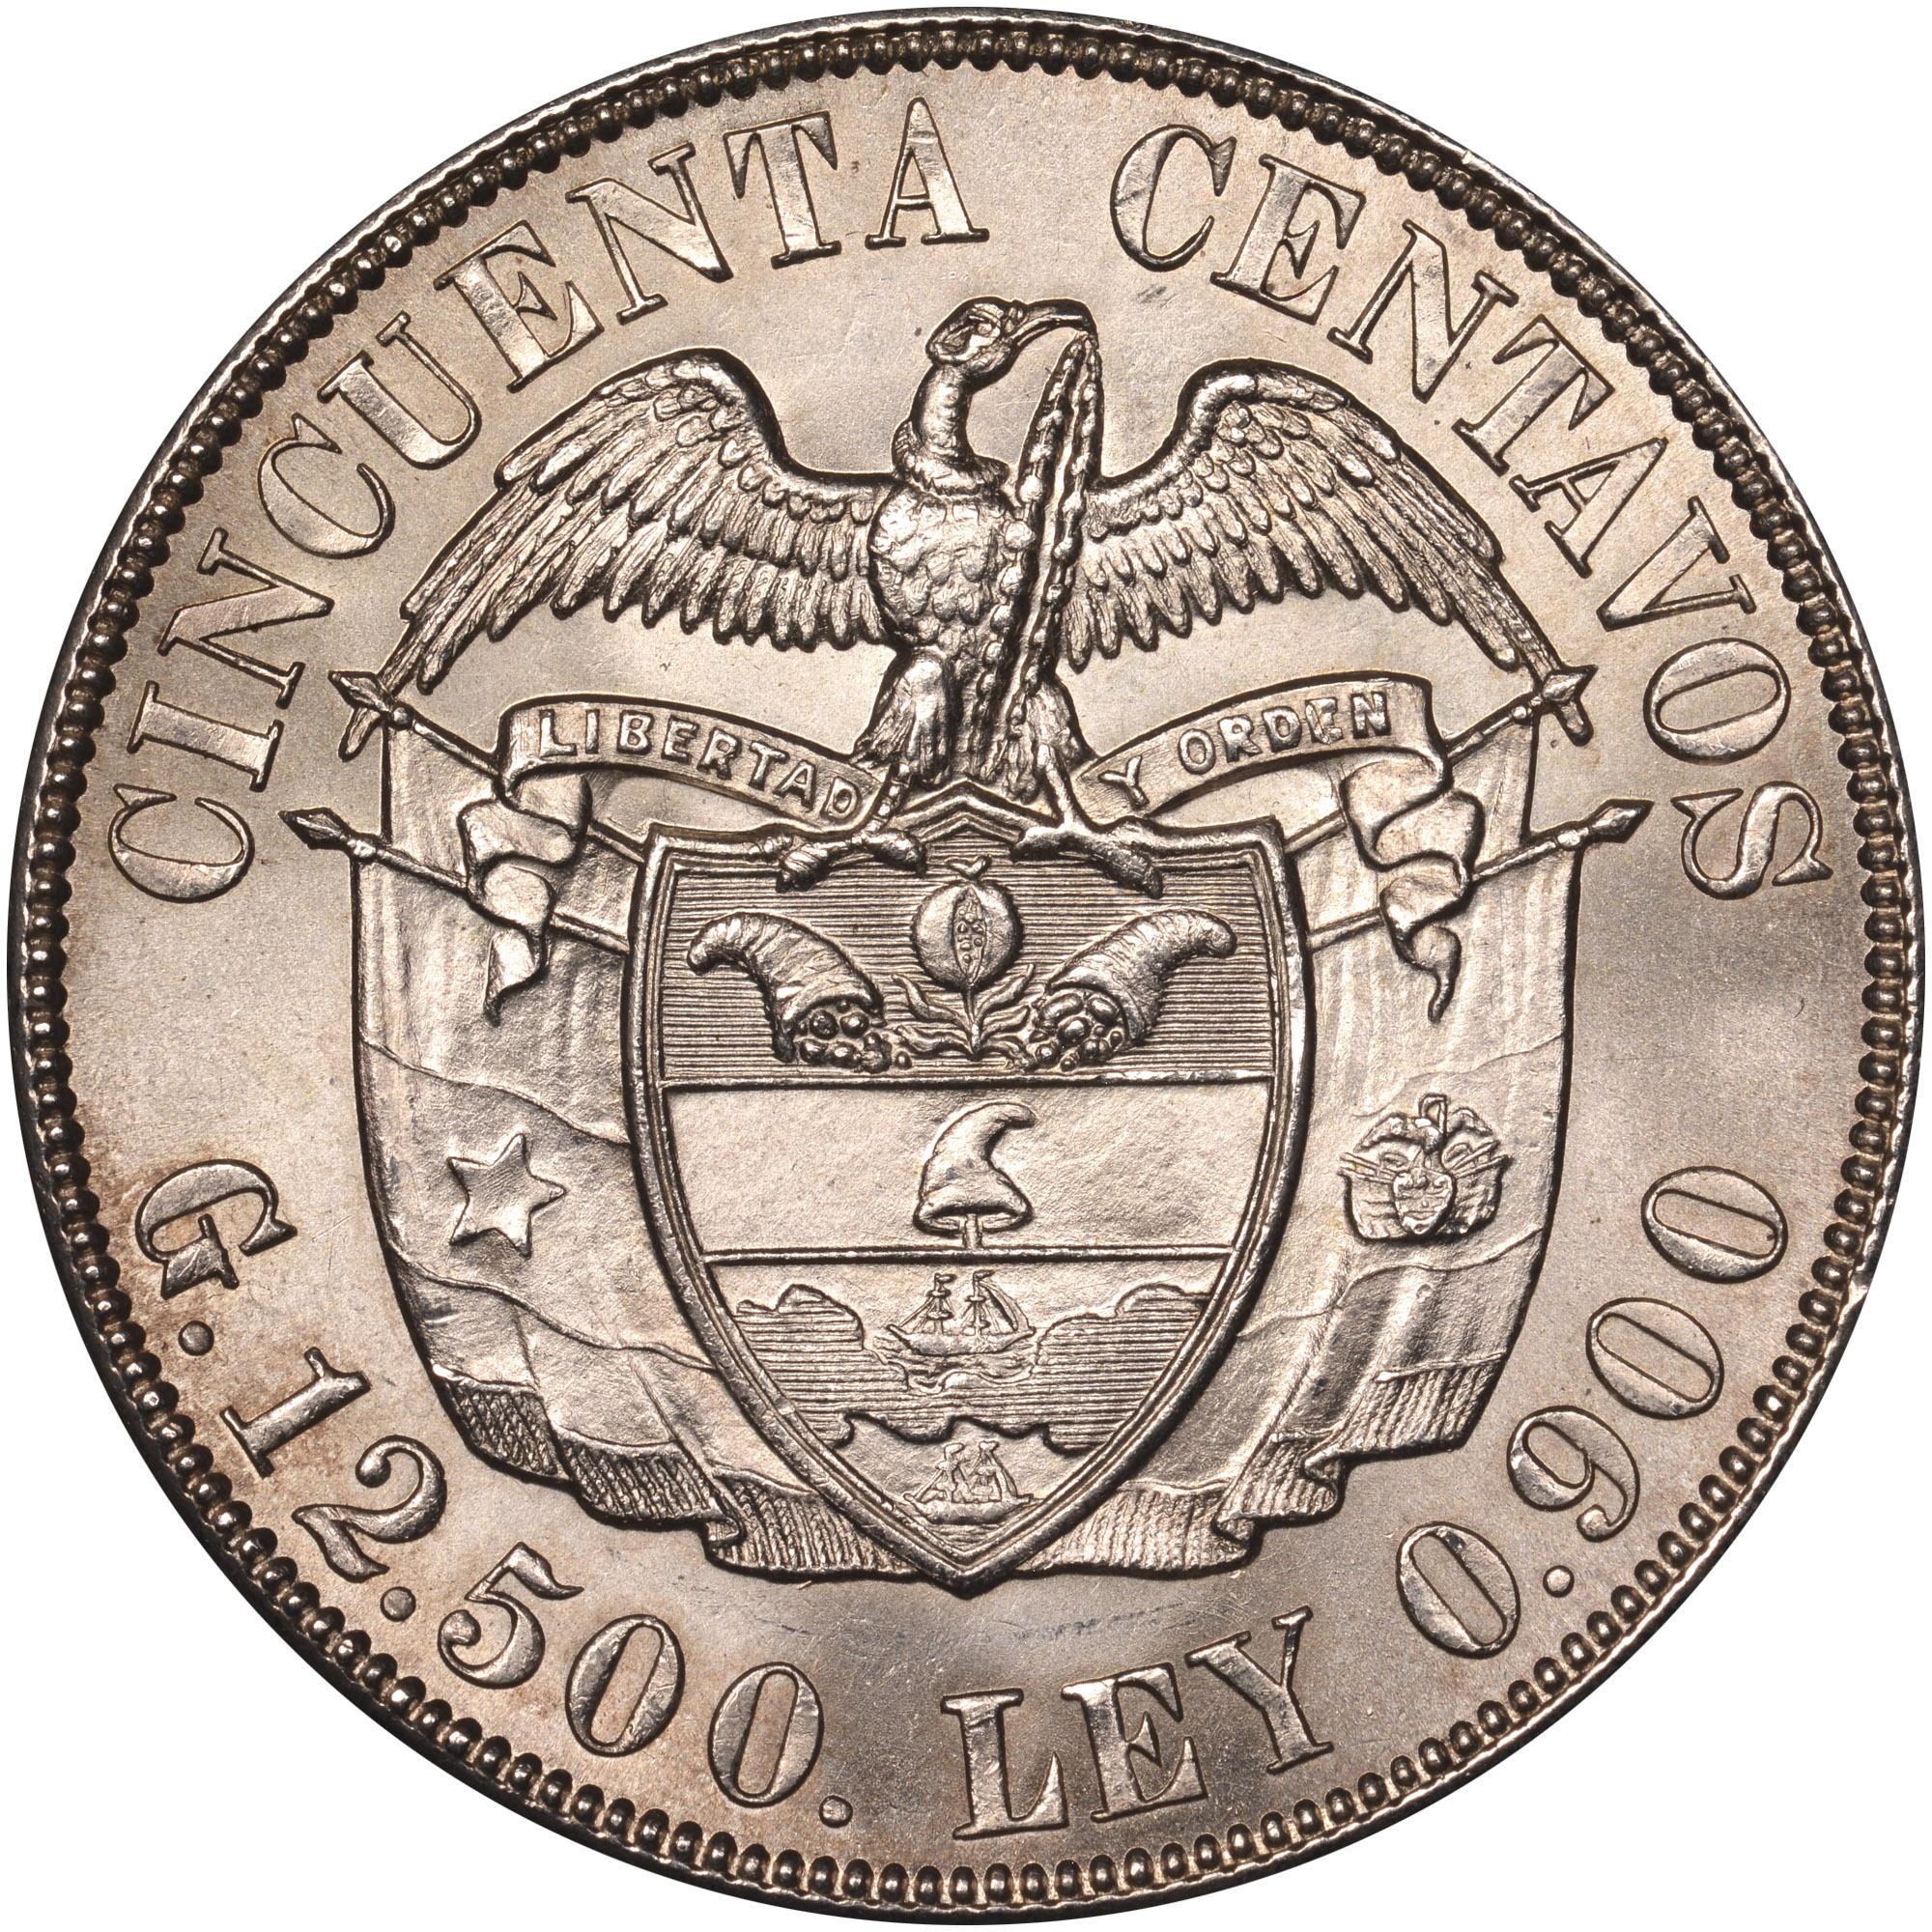 1916-1934 Colombia 50 Centavos reverse